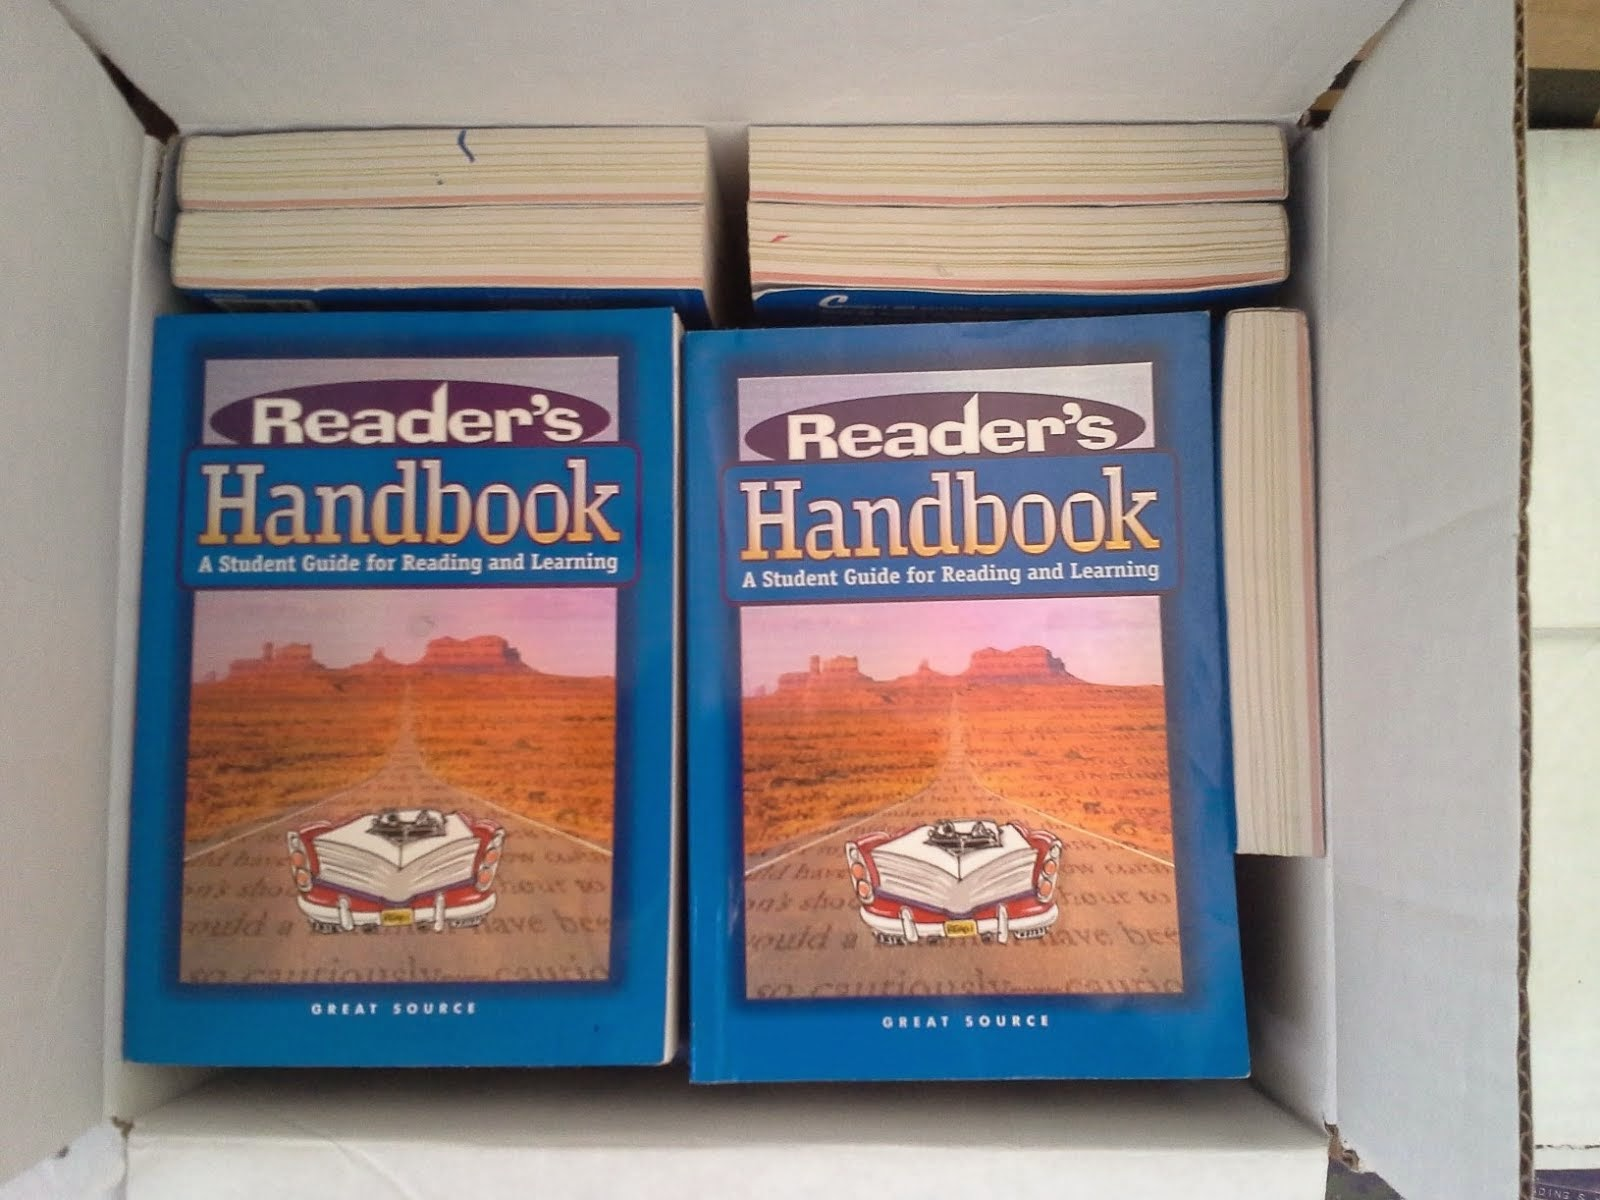 Reader's Handbooks